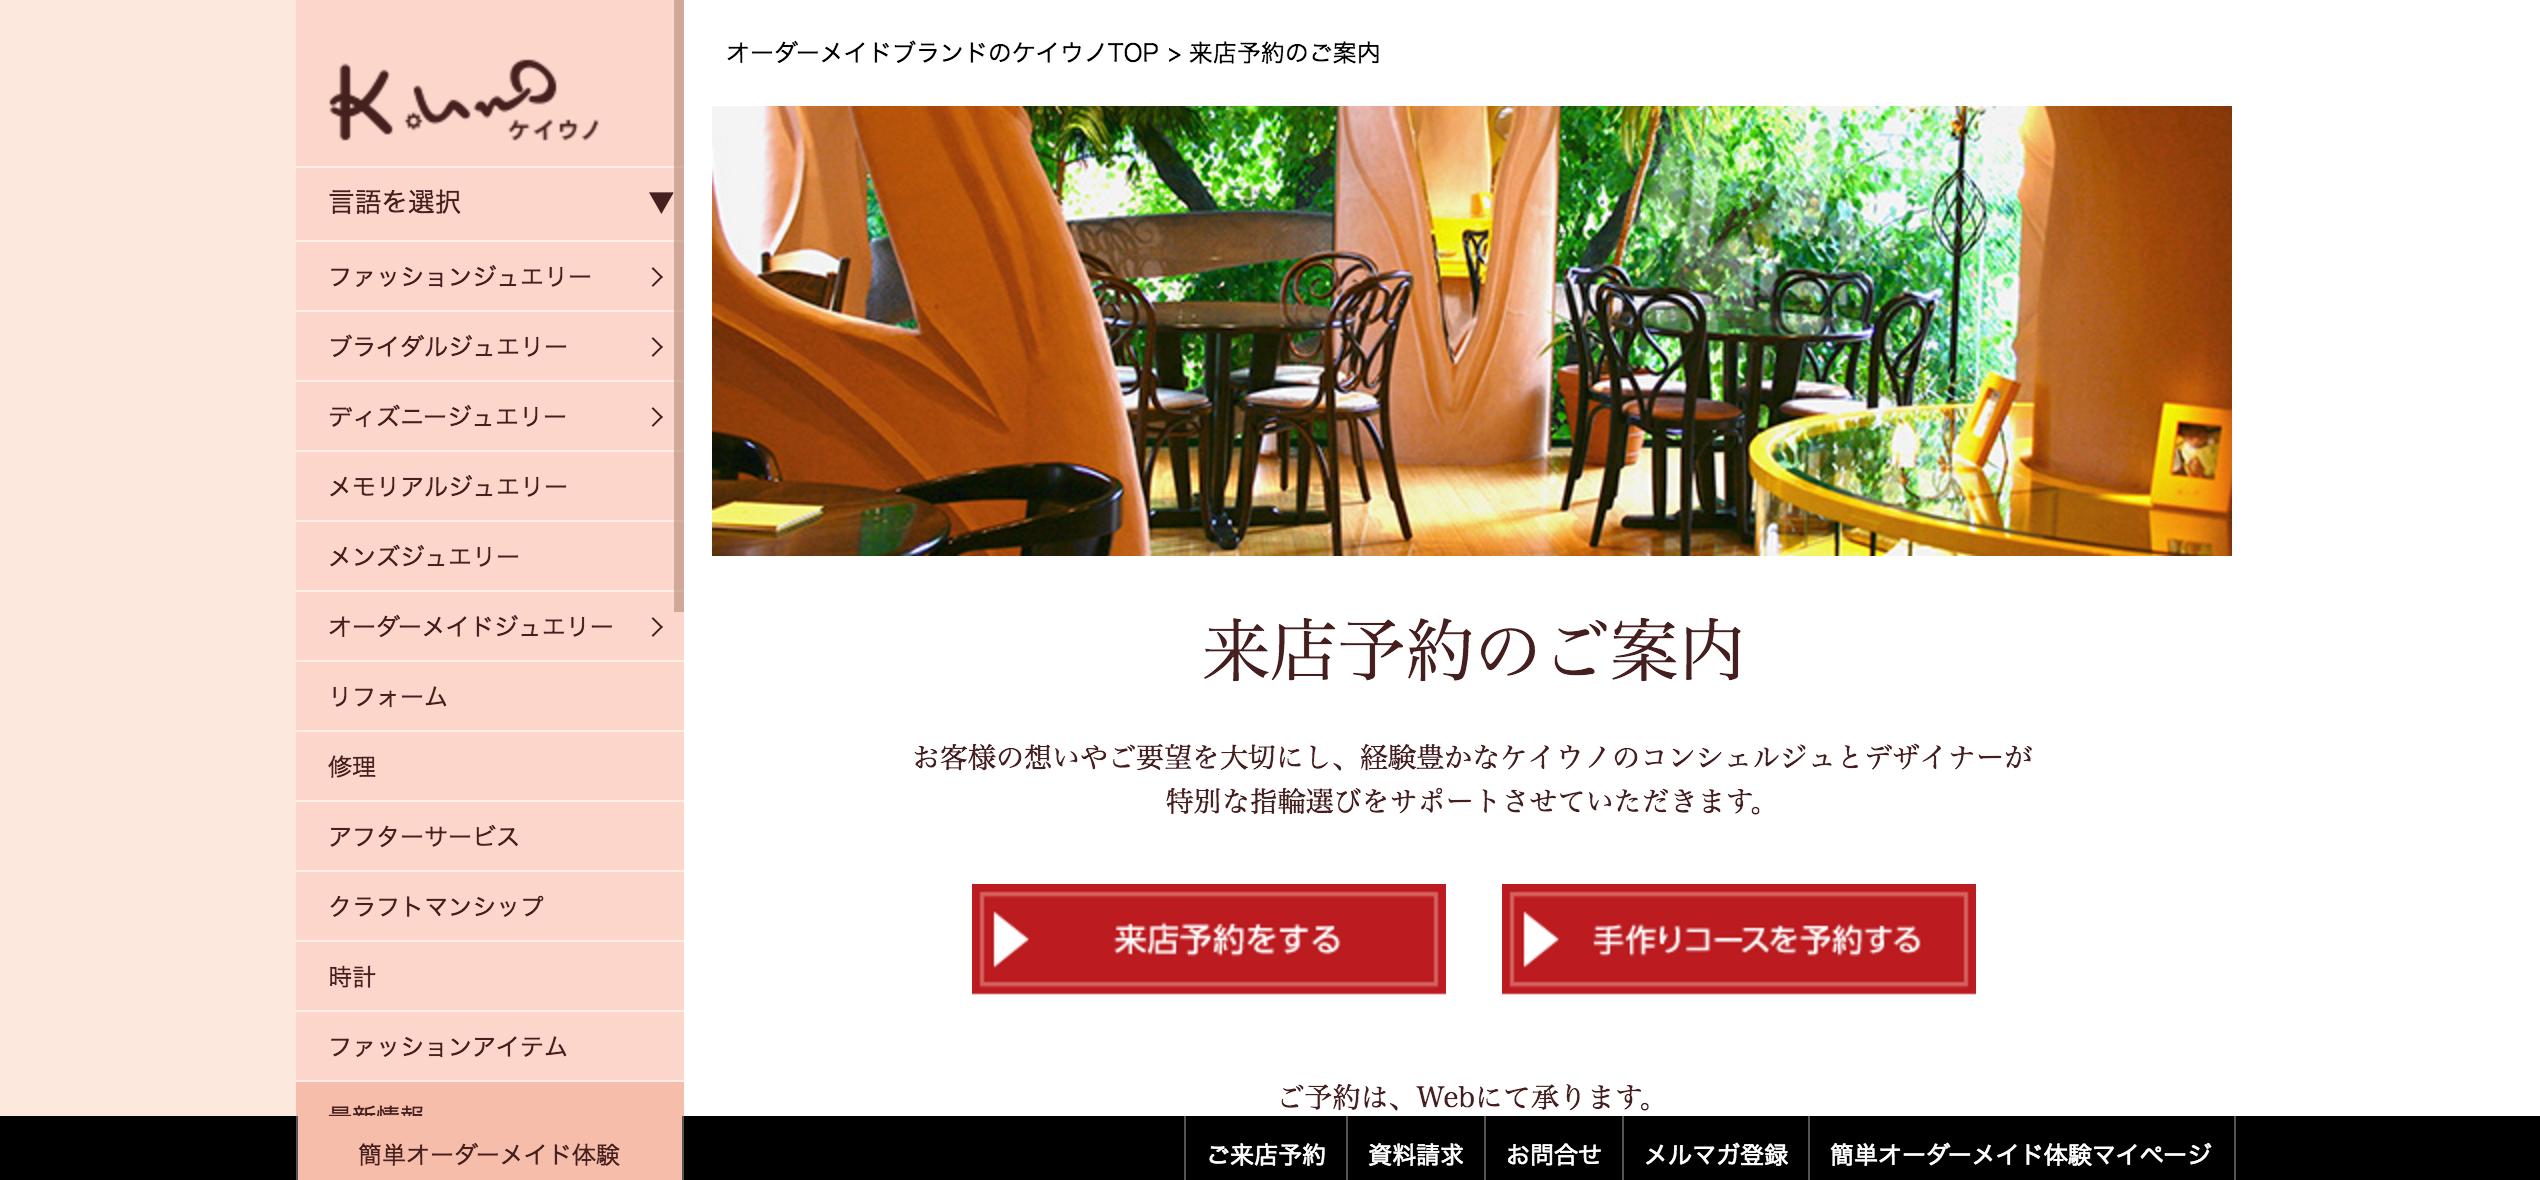 ケイ・ウノ 公式HPまたはお電話にて来店予約で、全国のレストランや宿泊施設で使える5000円分のクーポンをプレゼント!